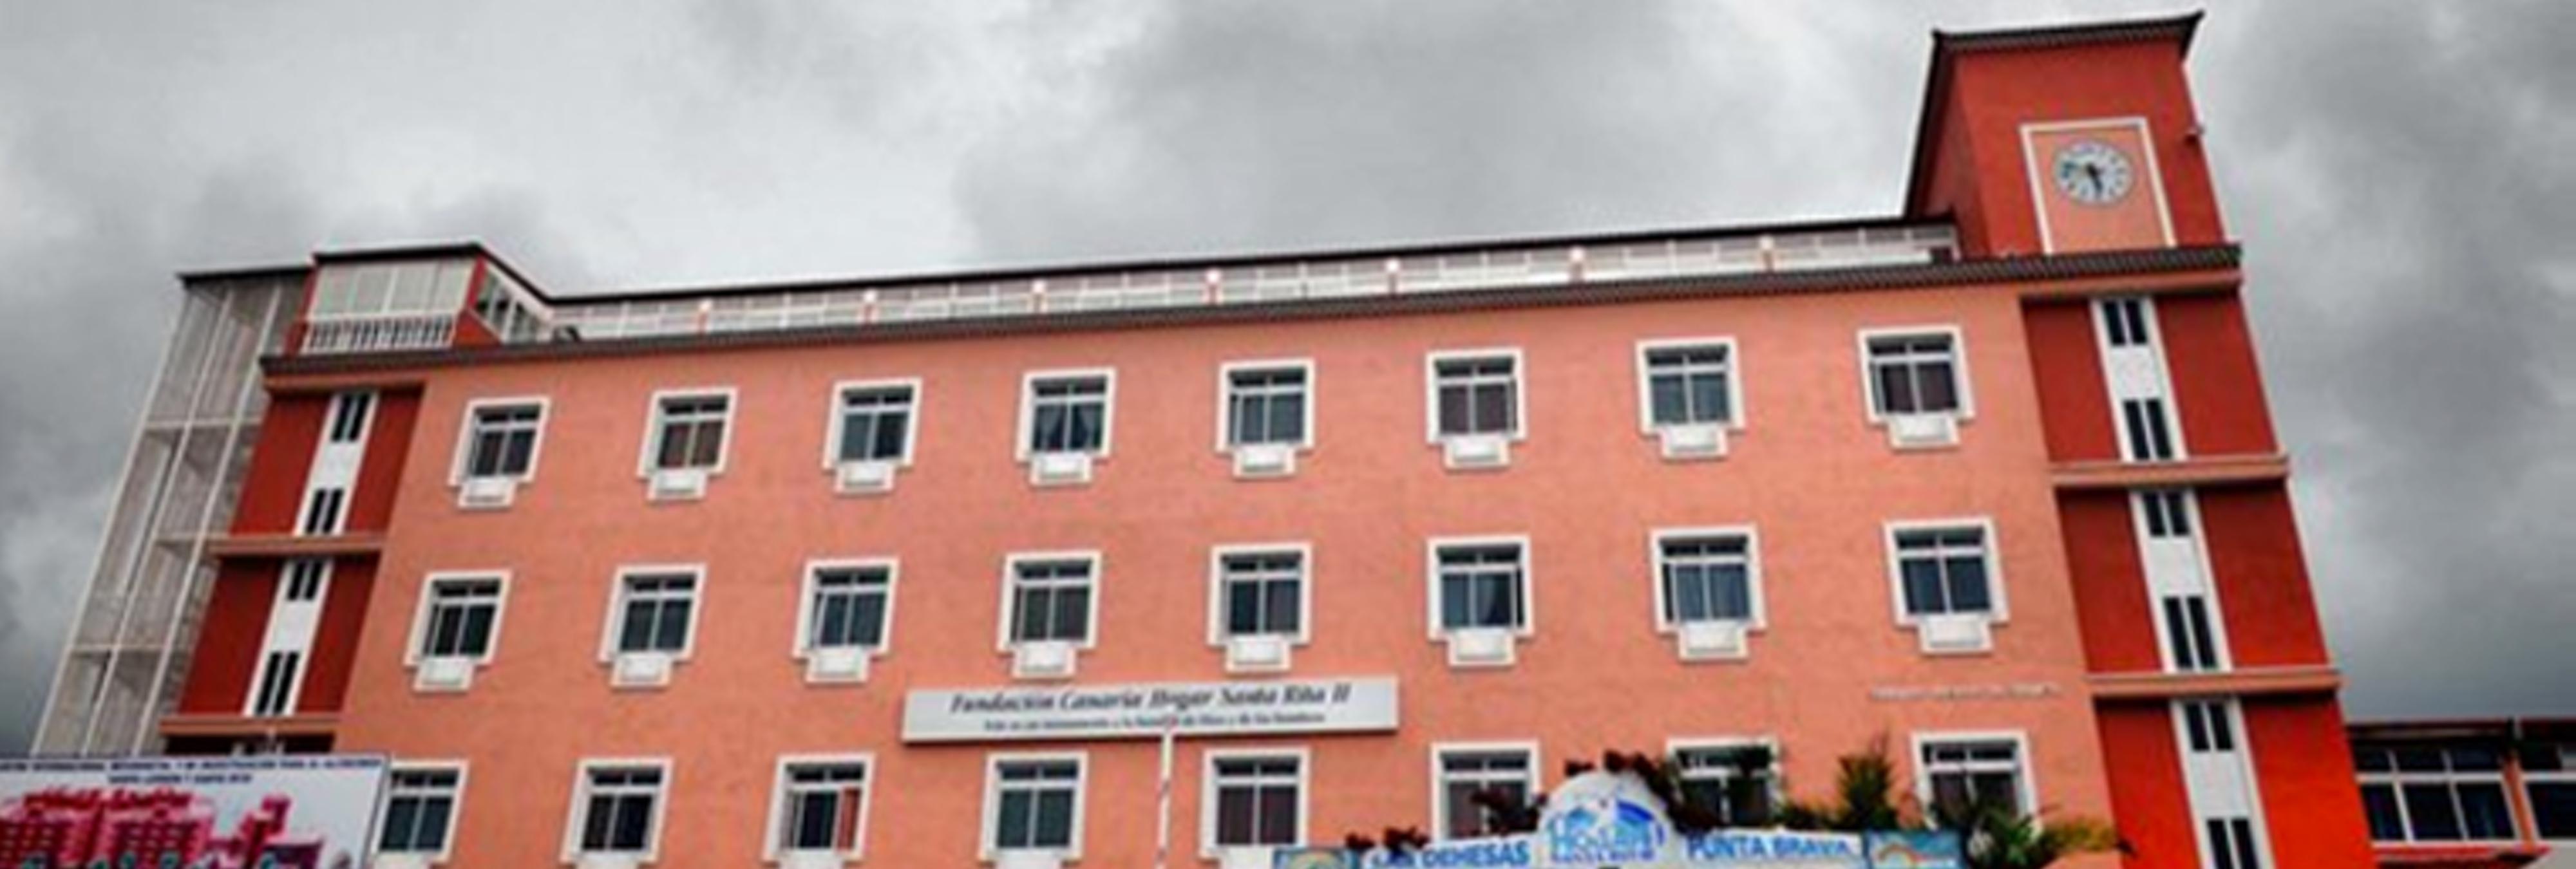 Un anciano mata con la muleta a su compañero de habitación en una residencia de Tenerife